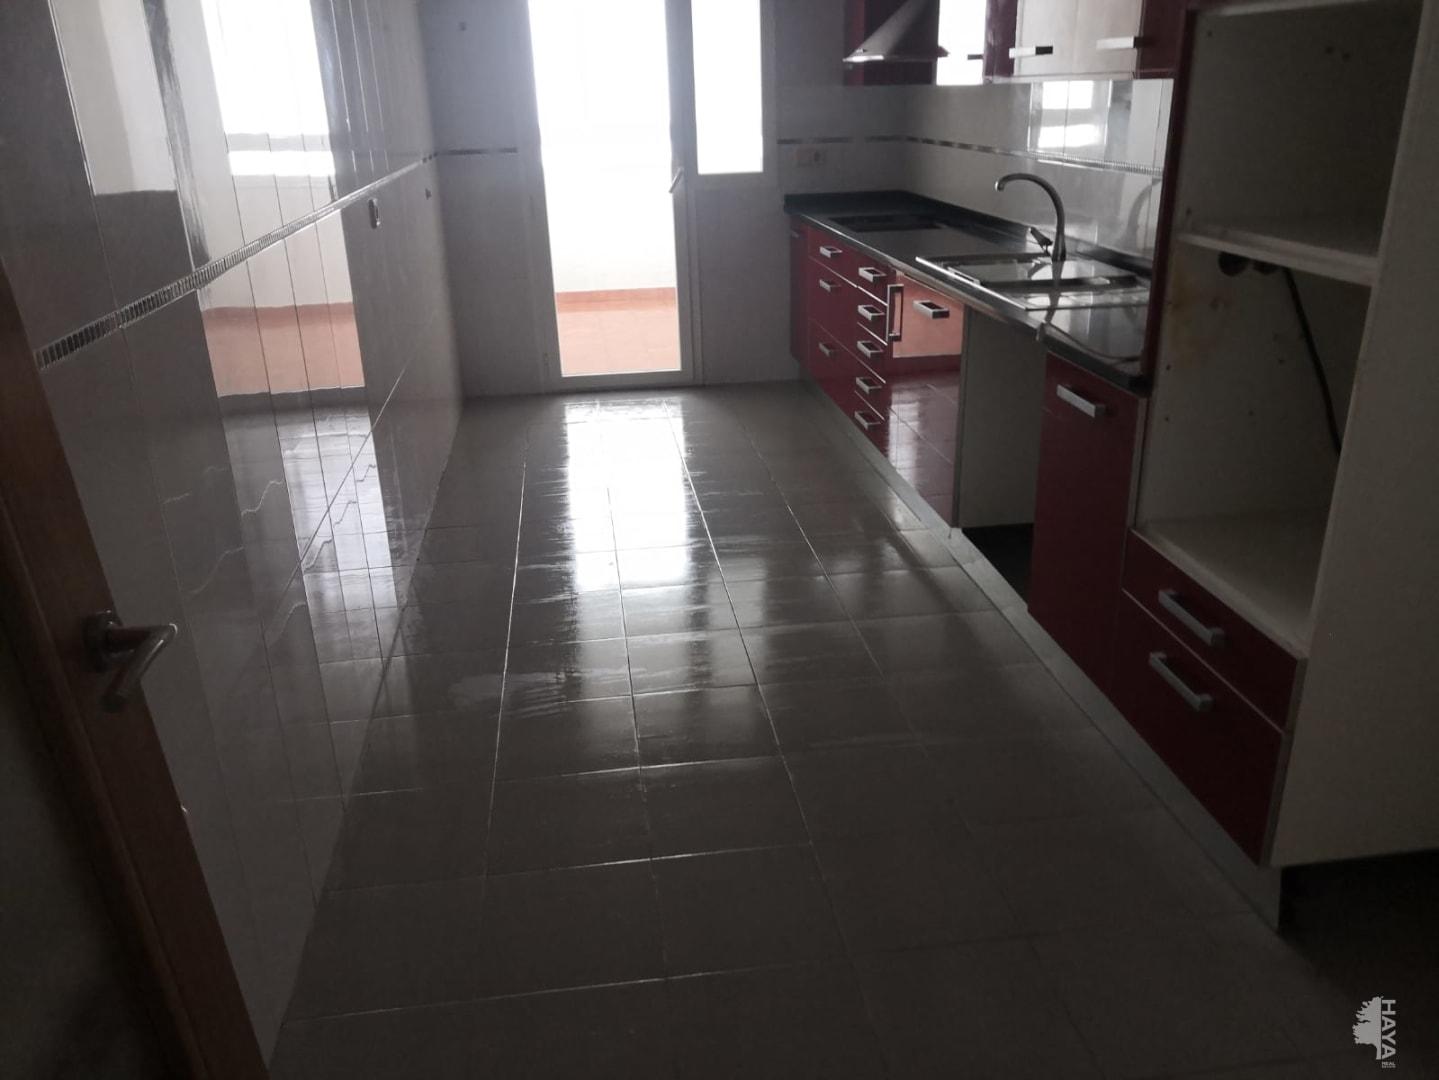 Piso en venta en Argés, Argés, Toledo, Avenida Toledo, 100.014 €, 3 habitaciones, 2 baños, 127 m2